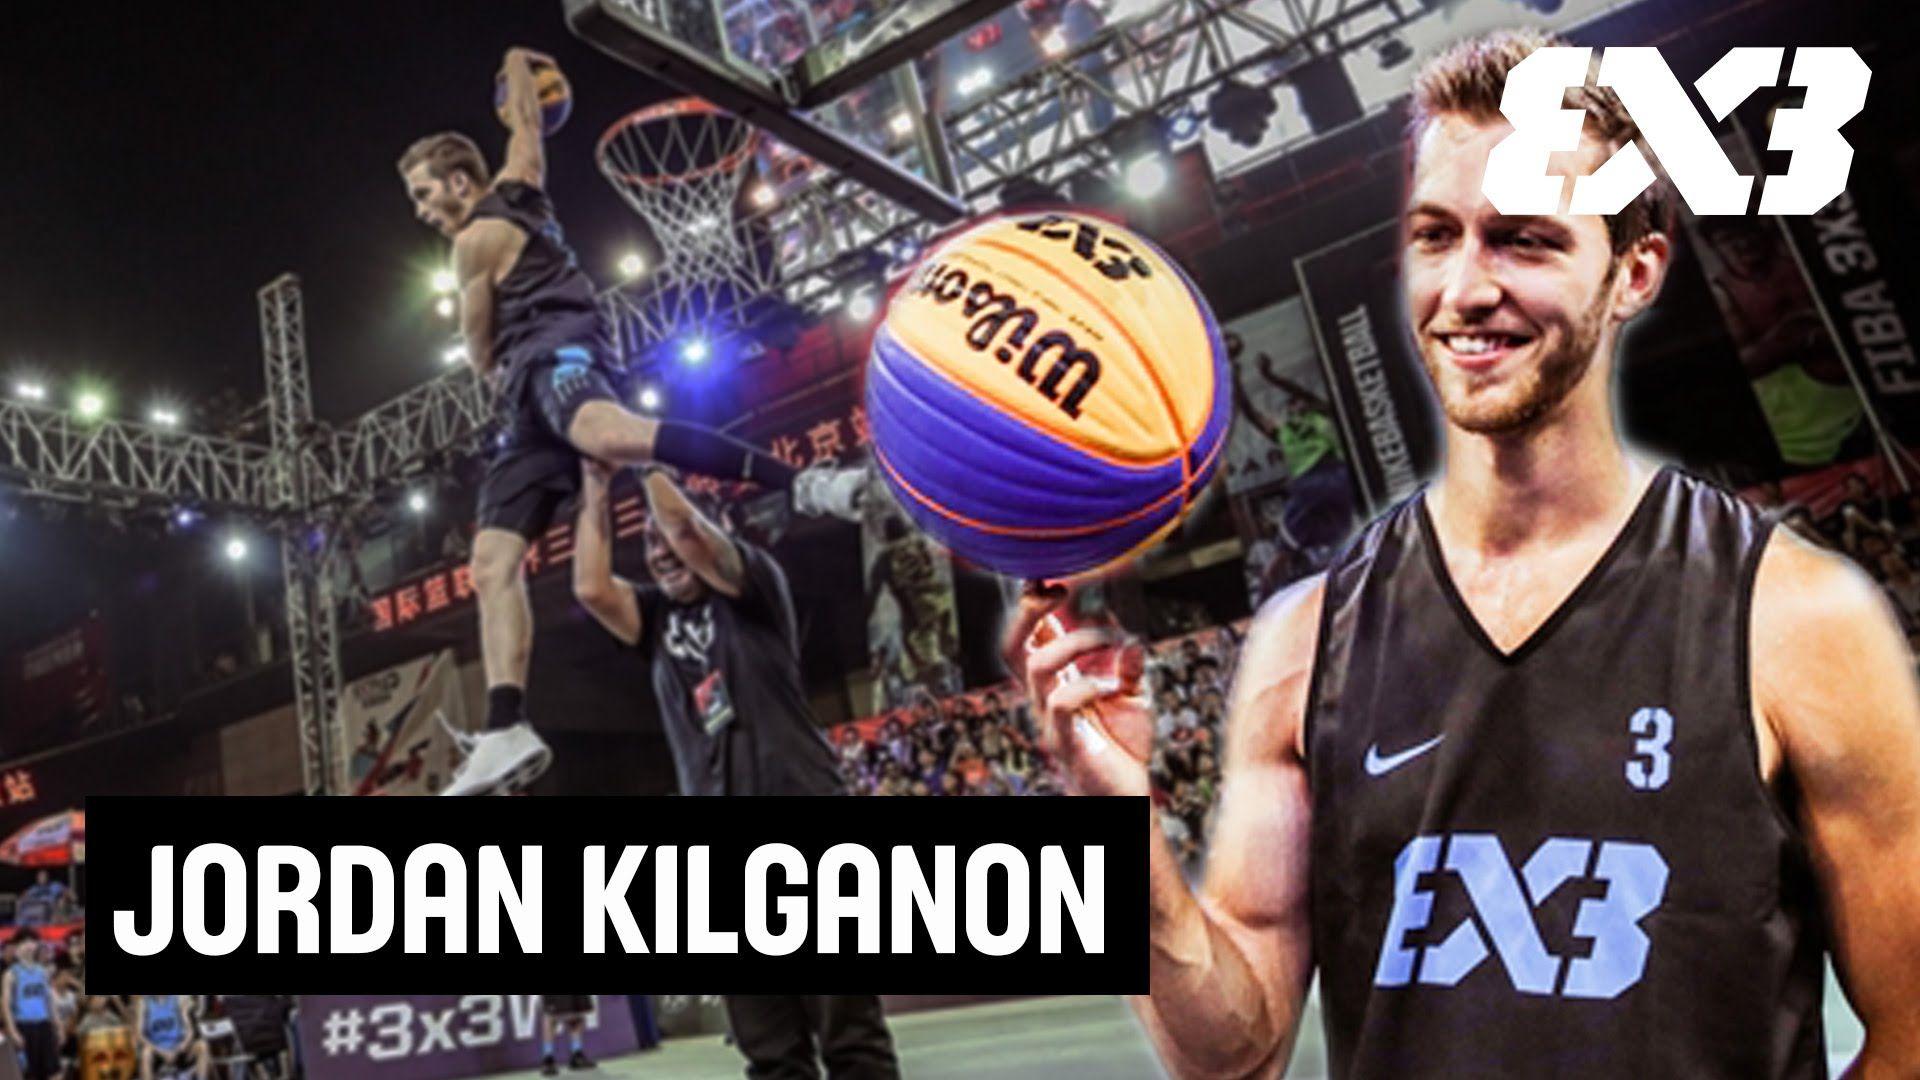 Factibilidad campana otro  Jordan Kilganon: